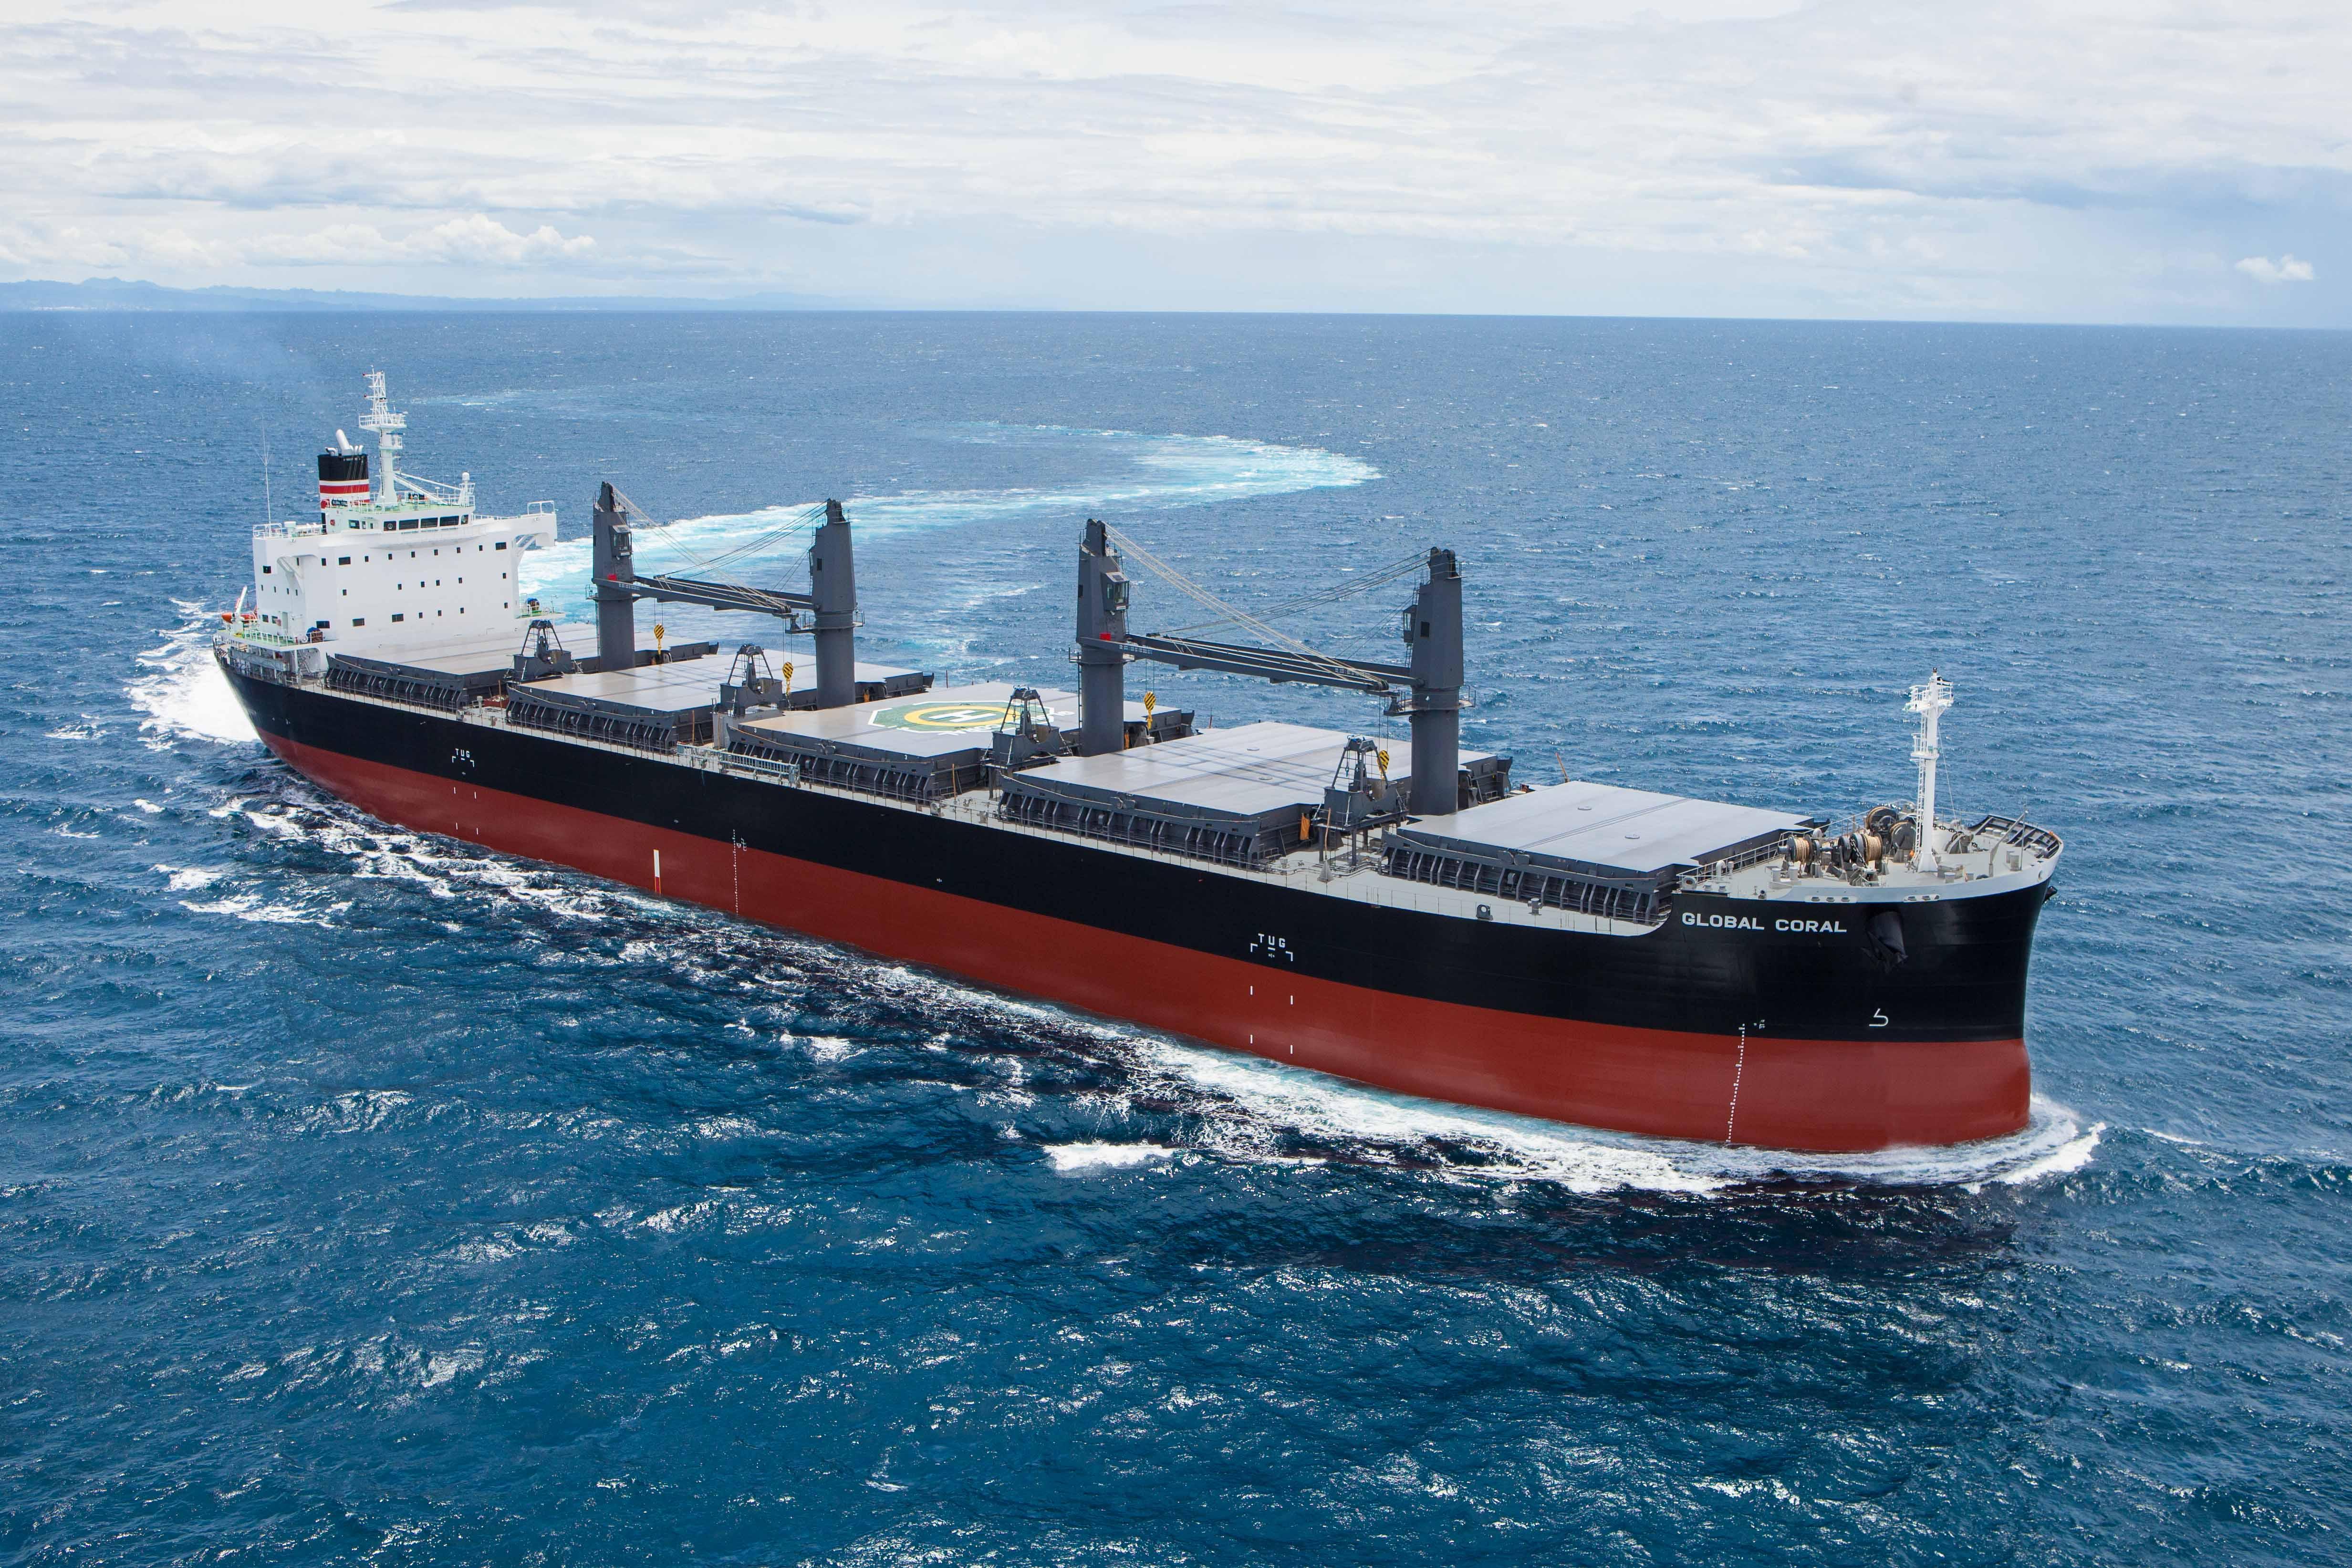 """常石造船の海外グループ会社、TSUNEISHI HEAVY INDUSTRIES (CEBU), Inc.でばら積み貨物船""""TESS45BOX""""第3隻目を竣工・引渡"""